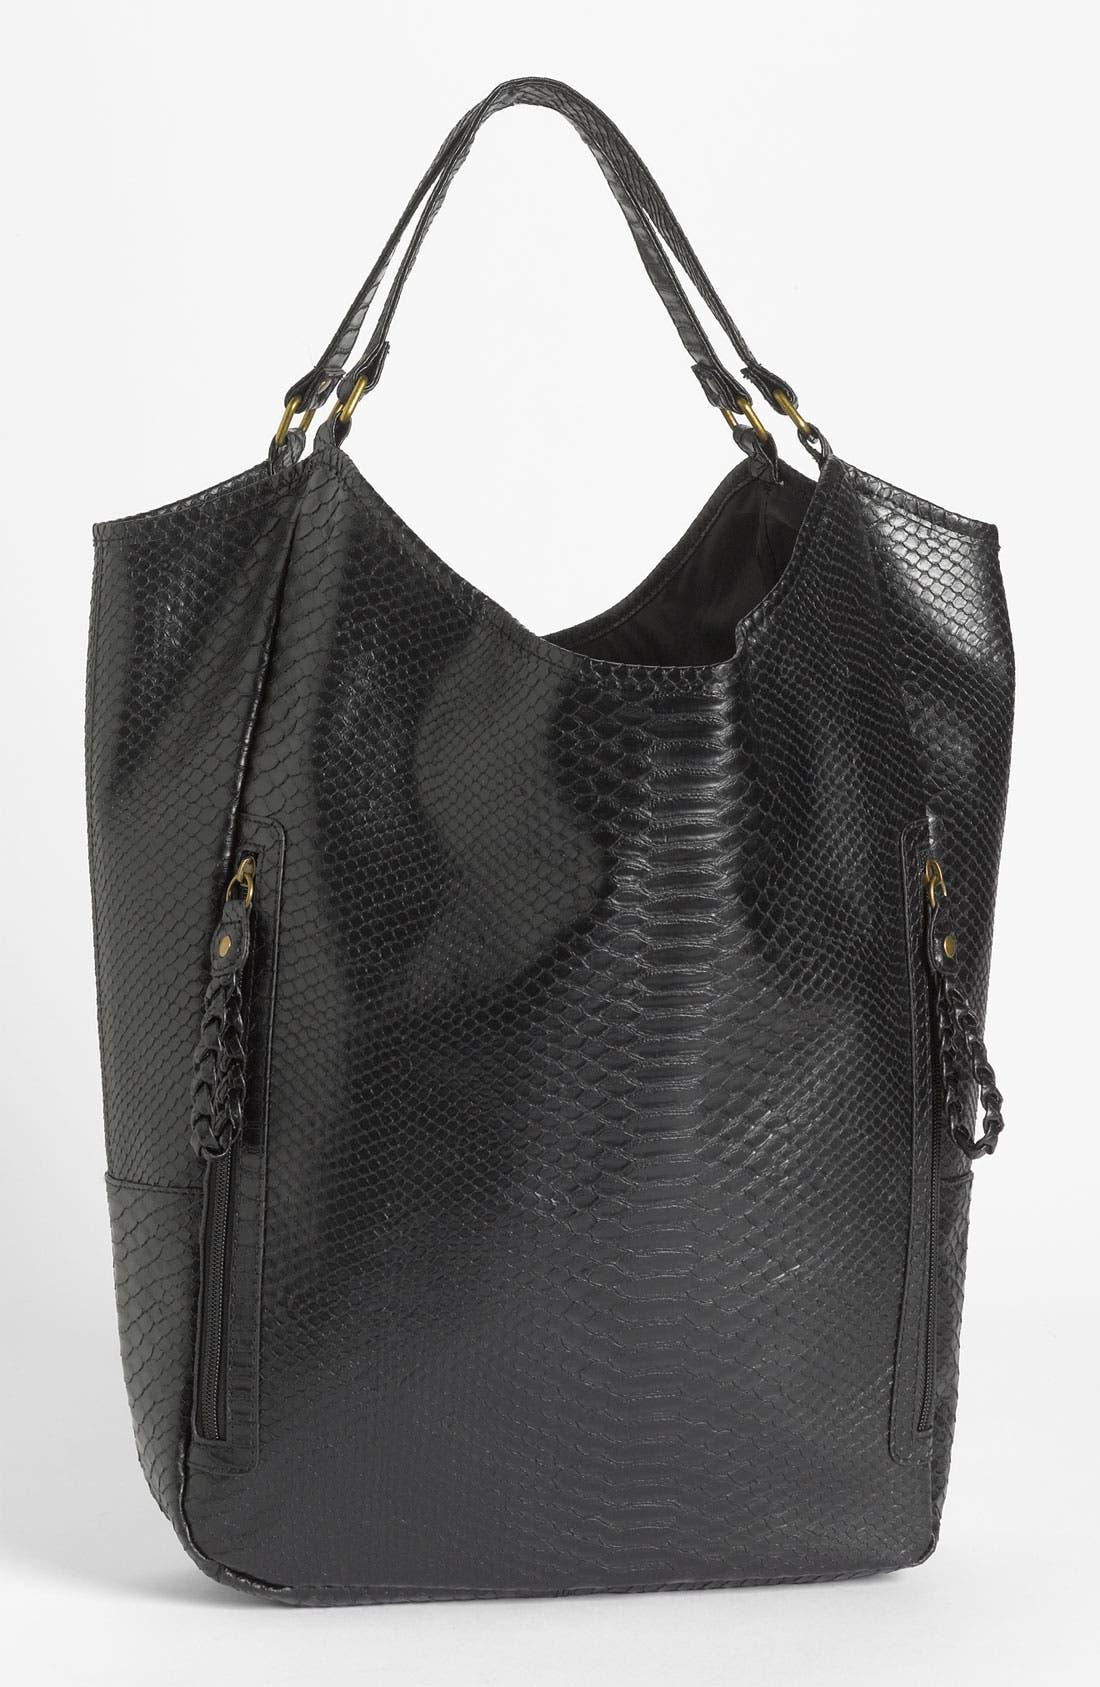 Alternate Image 1 Selected - Lulu Snake Embossed Tote Bag